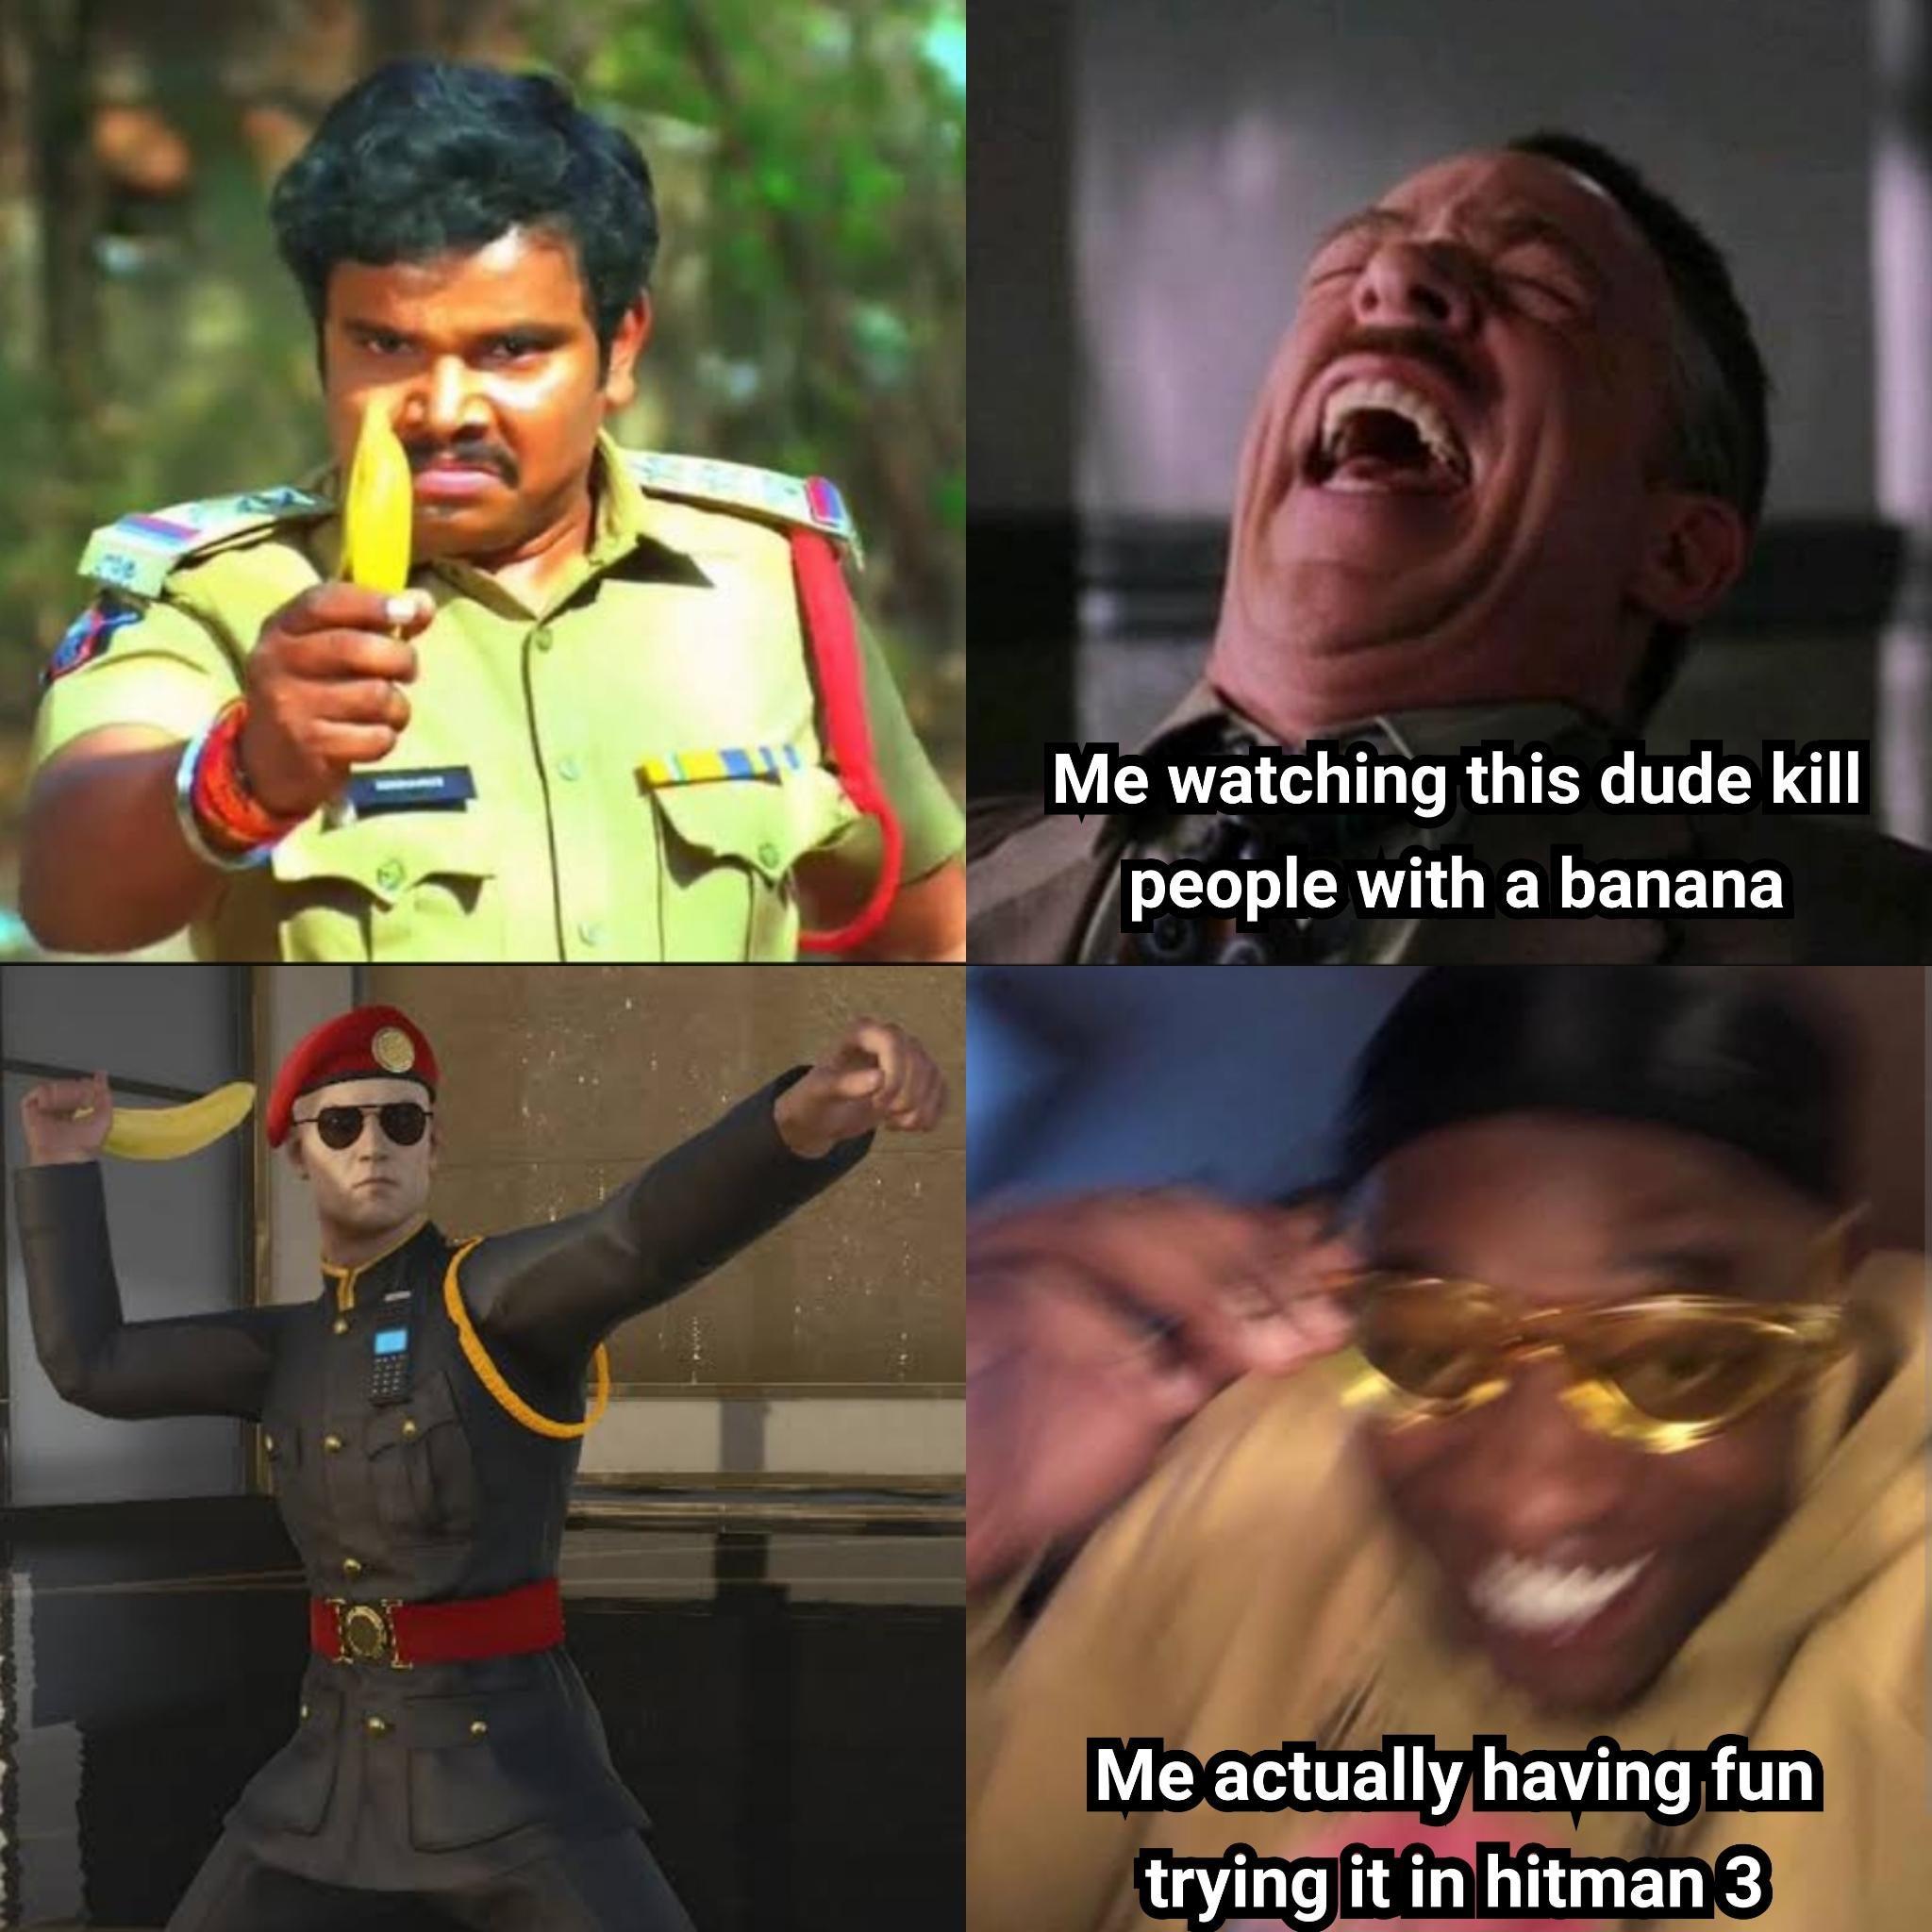 Memes Bananas and video games